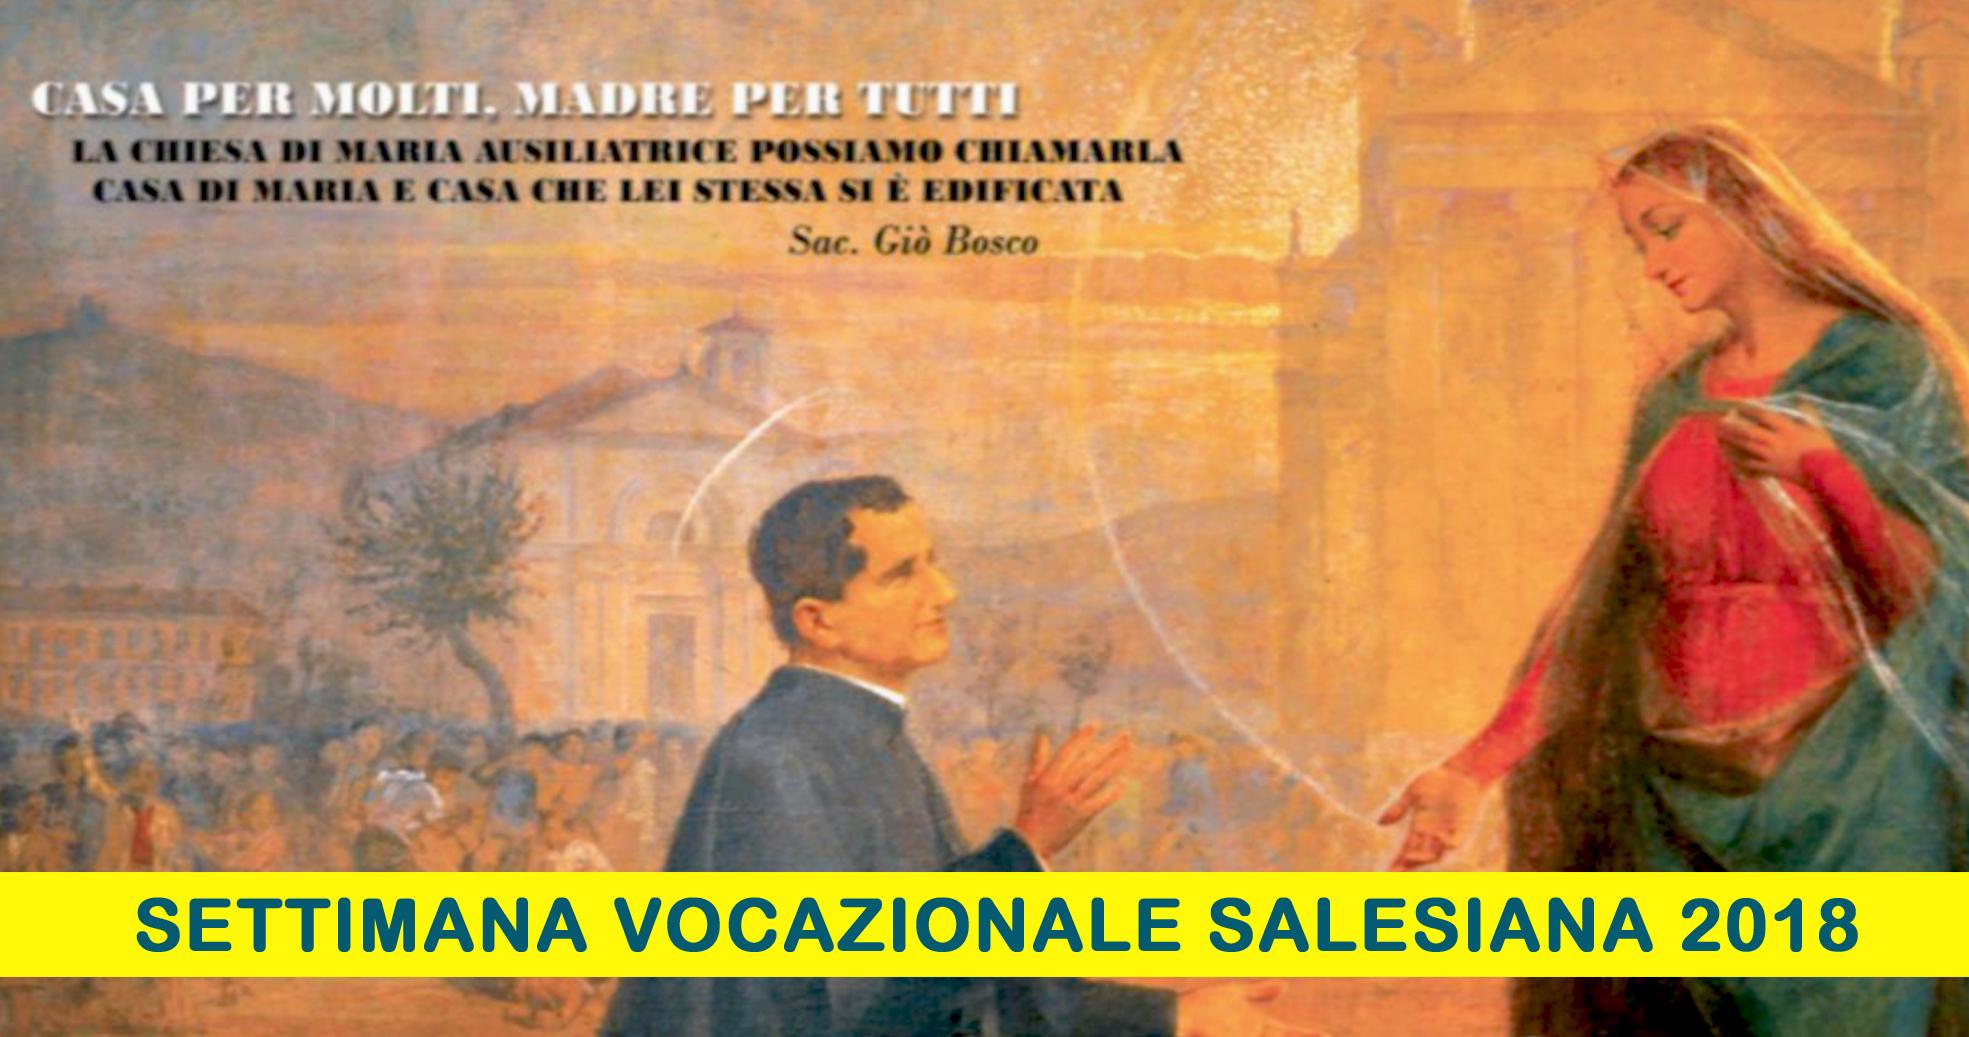 Settimana Vocazionale Salesiana 2018